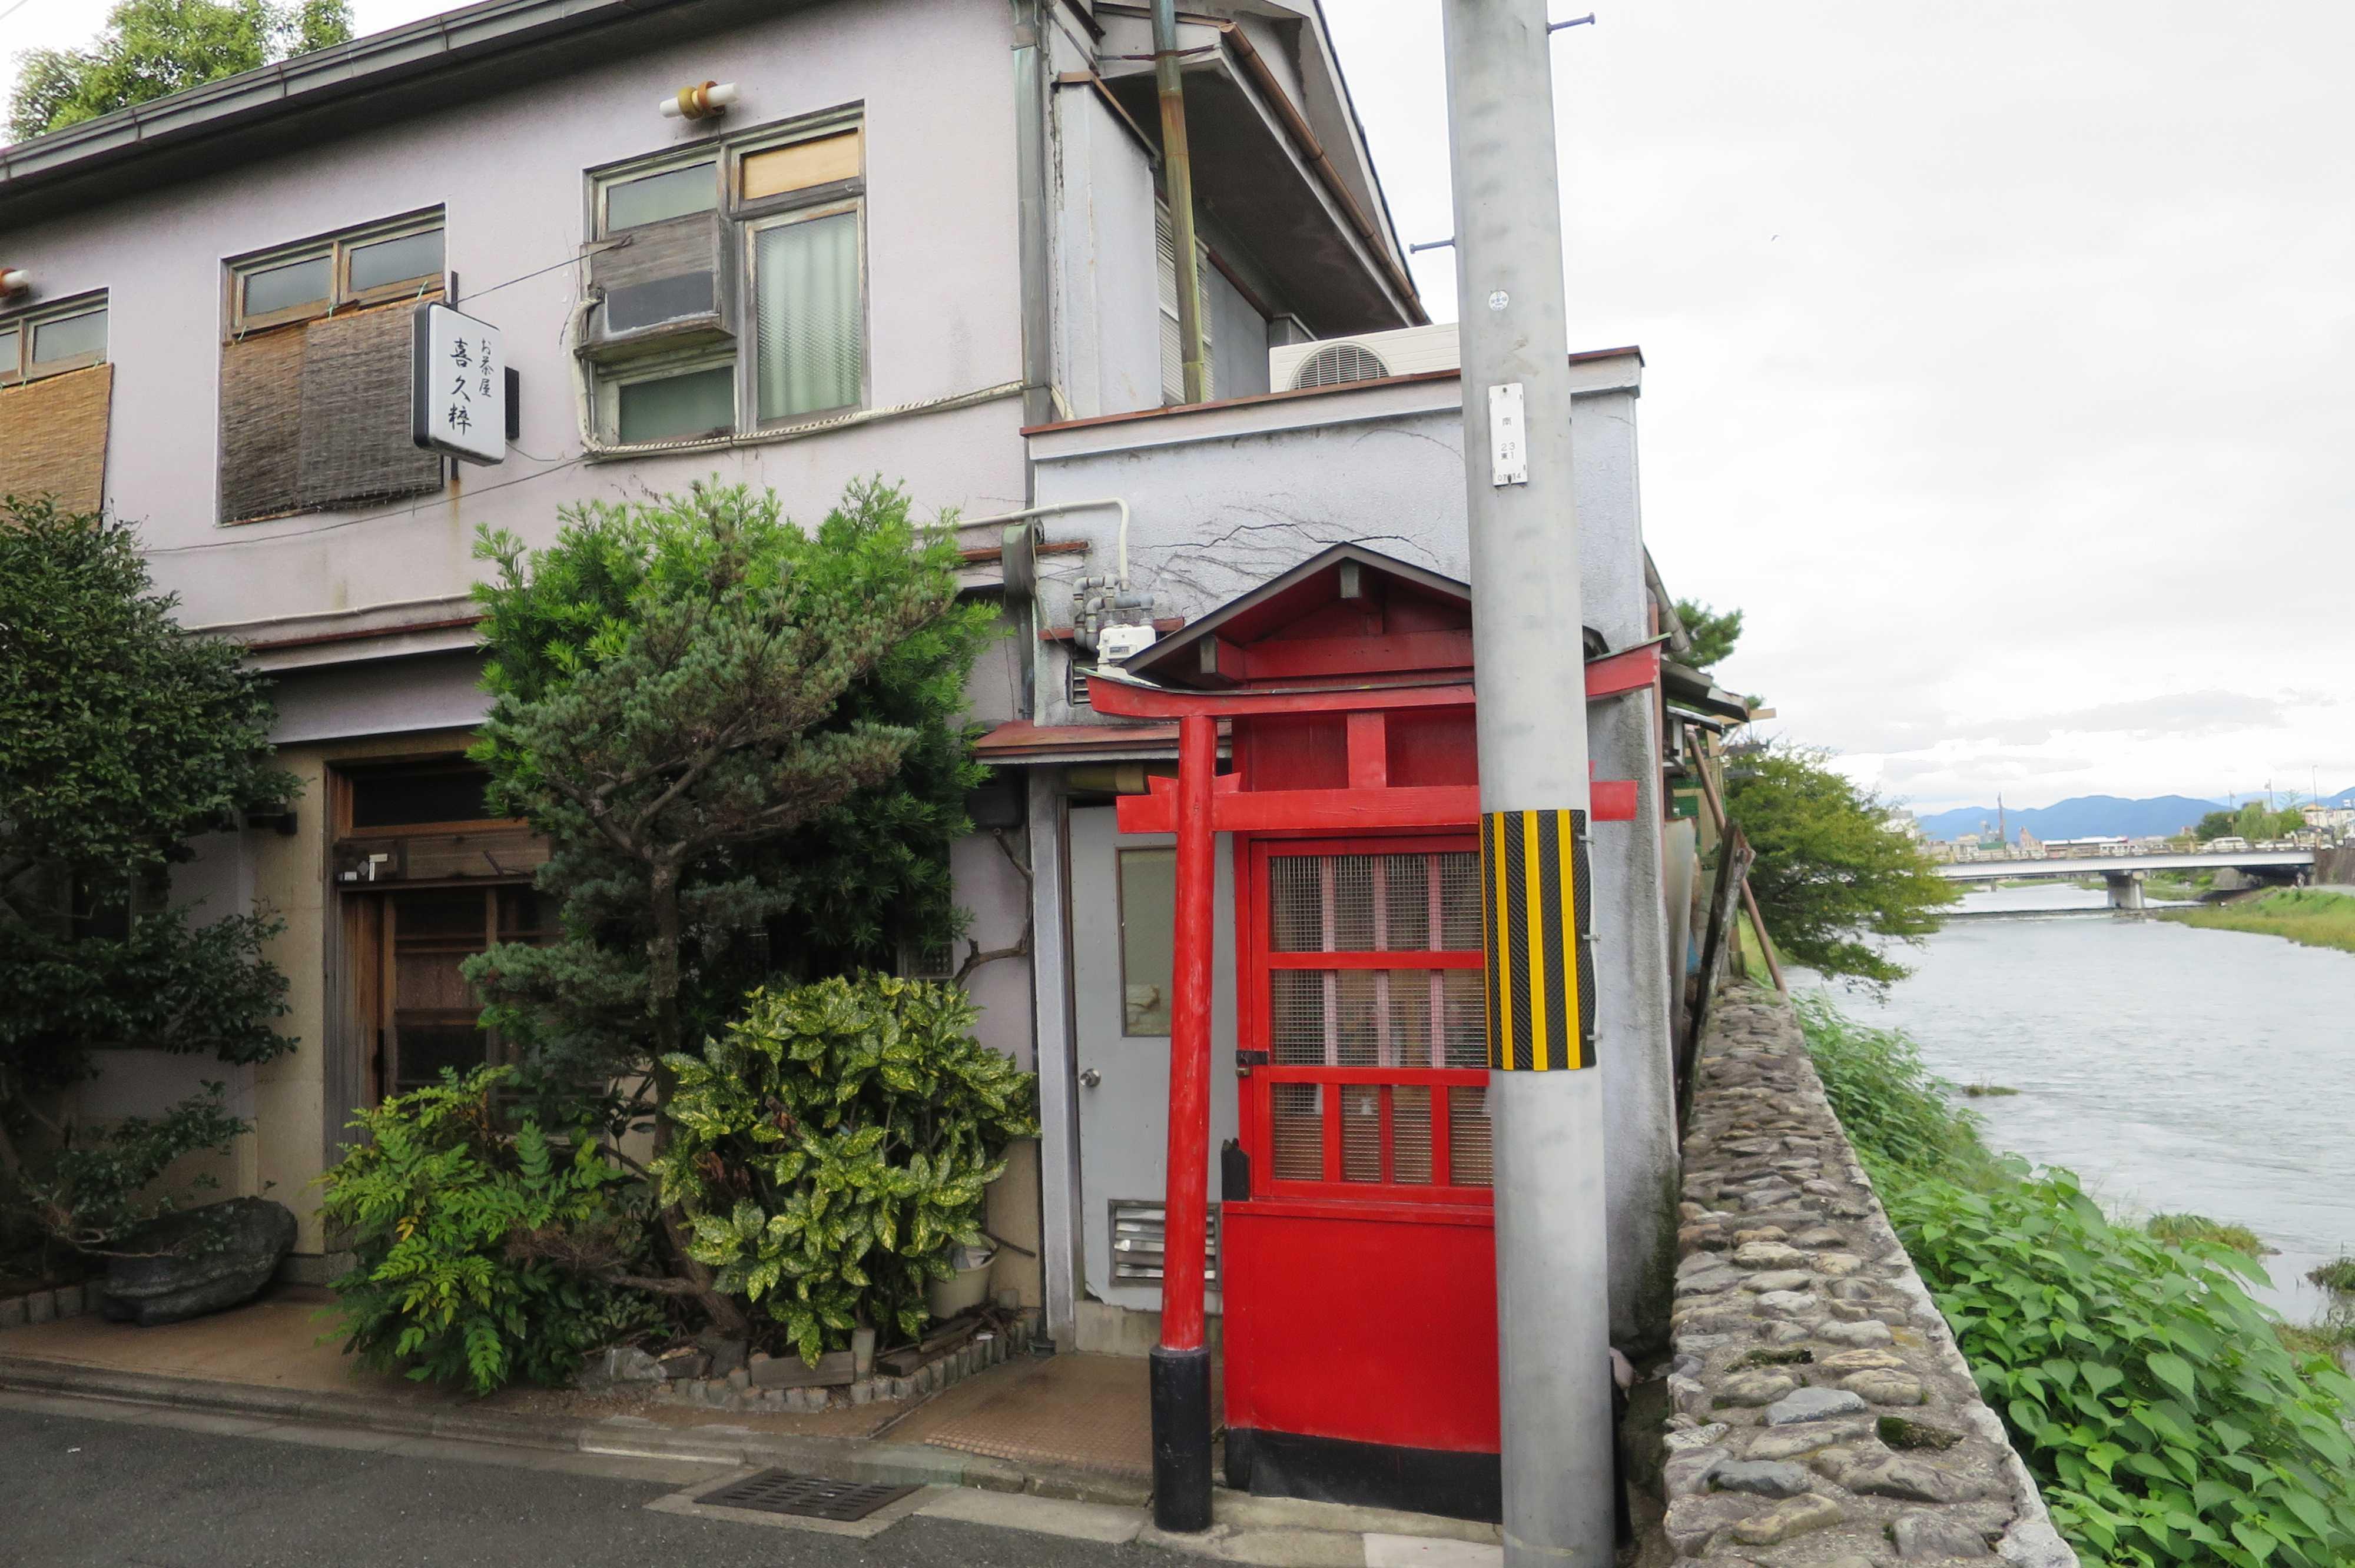 京都・五条楽園 - お茶屋「喜久粋」